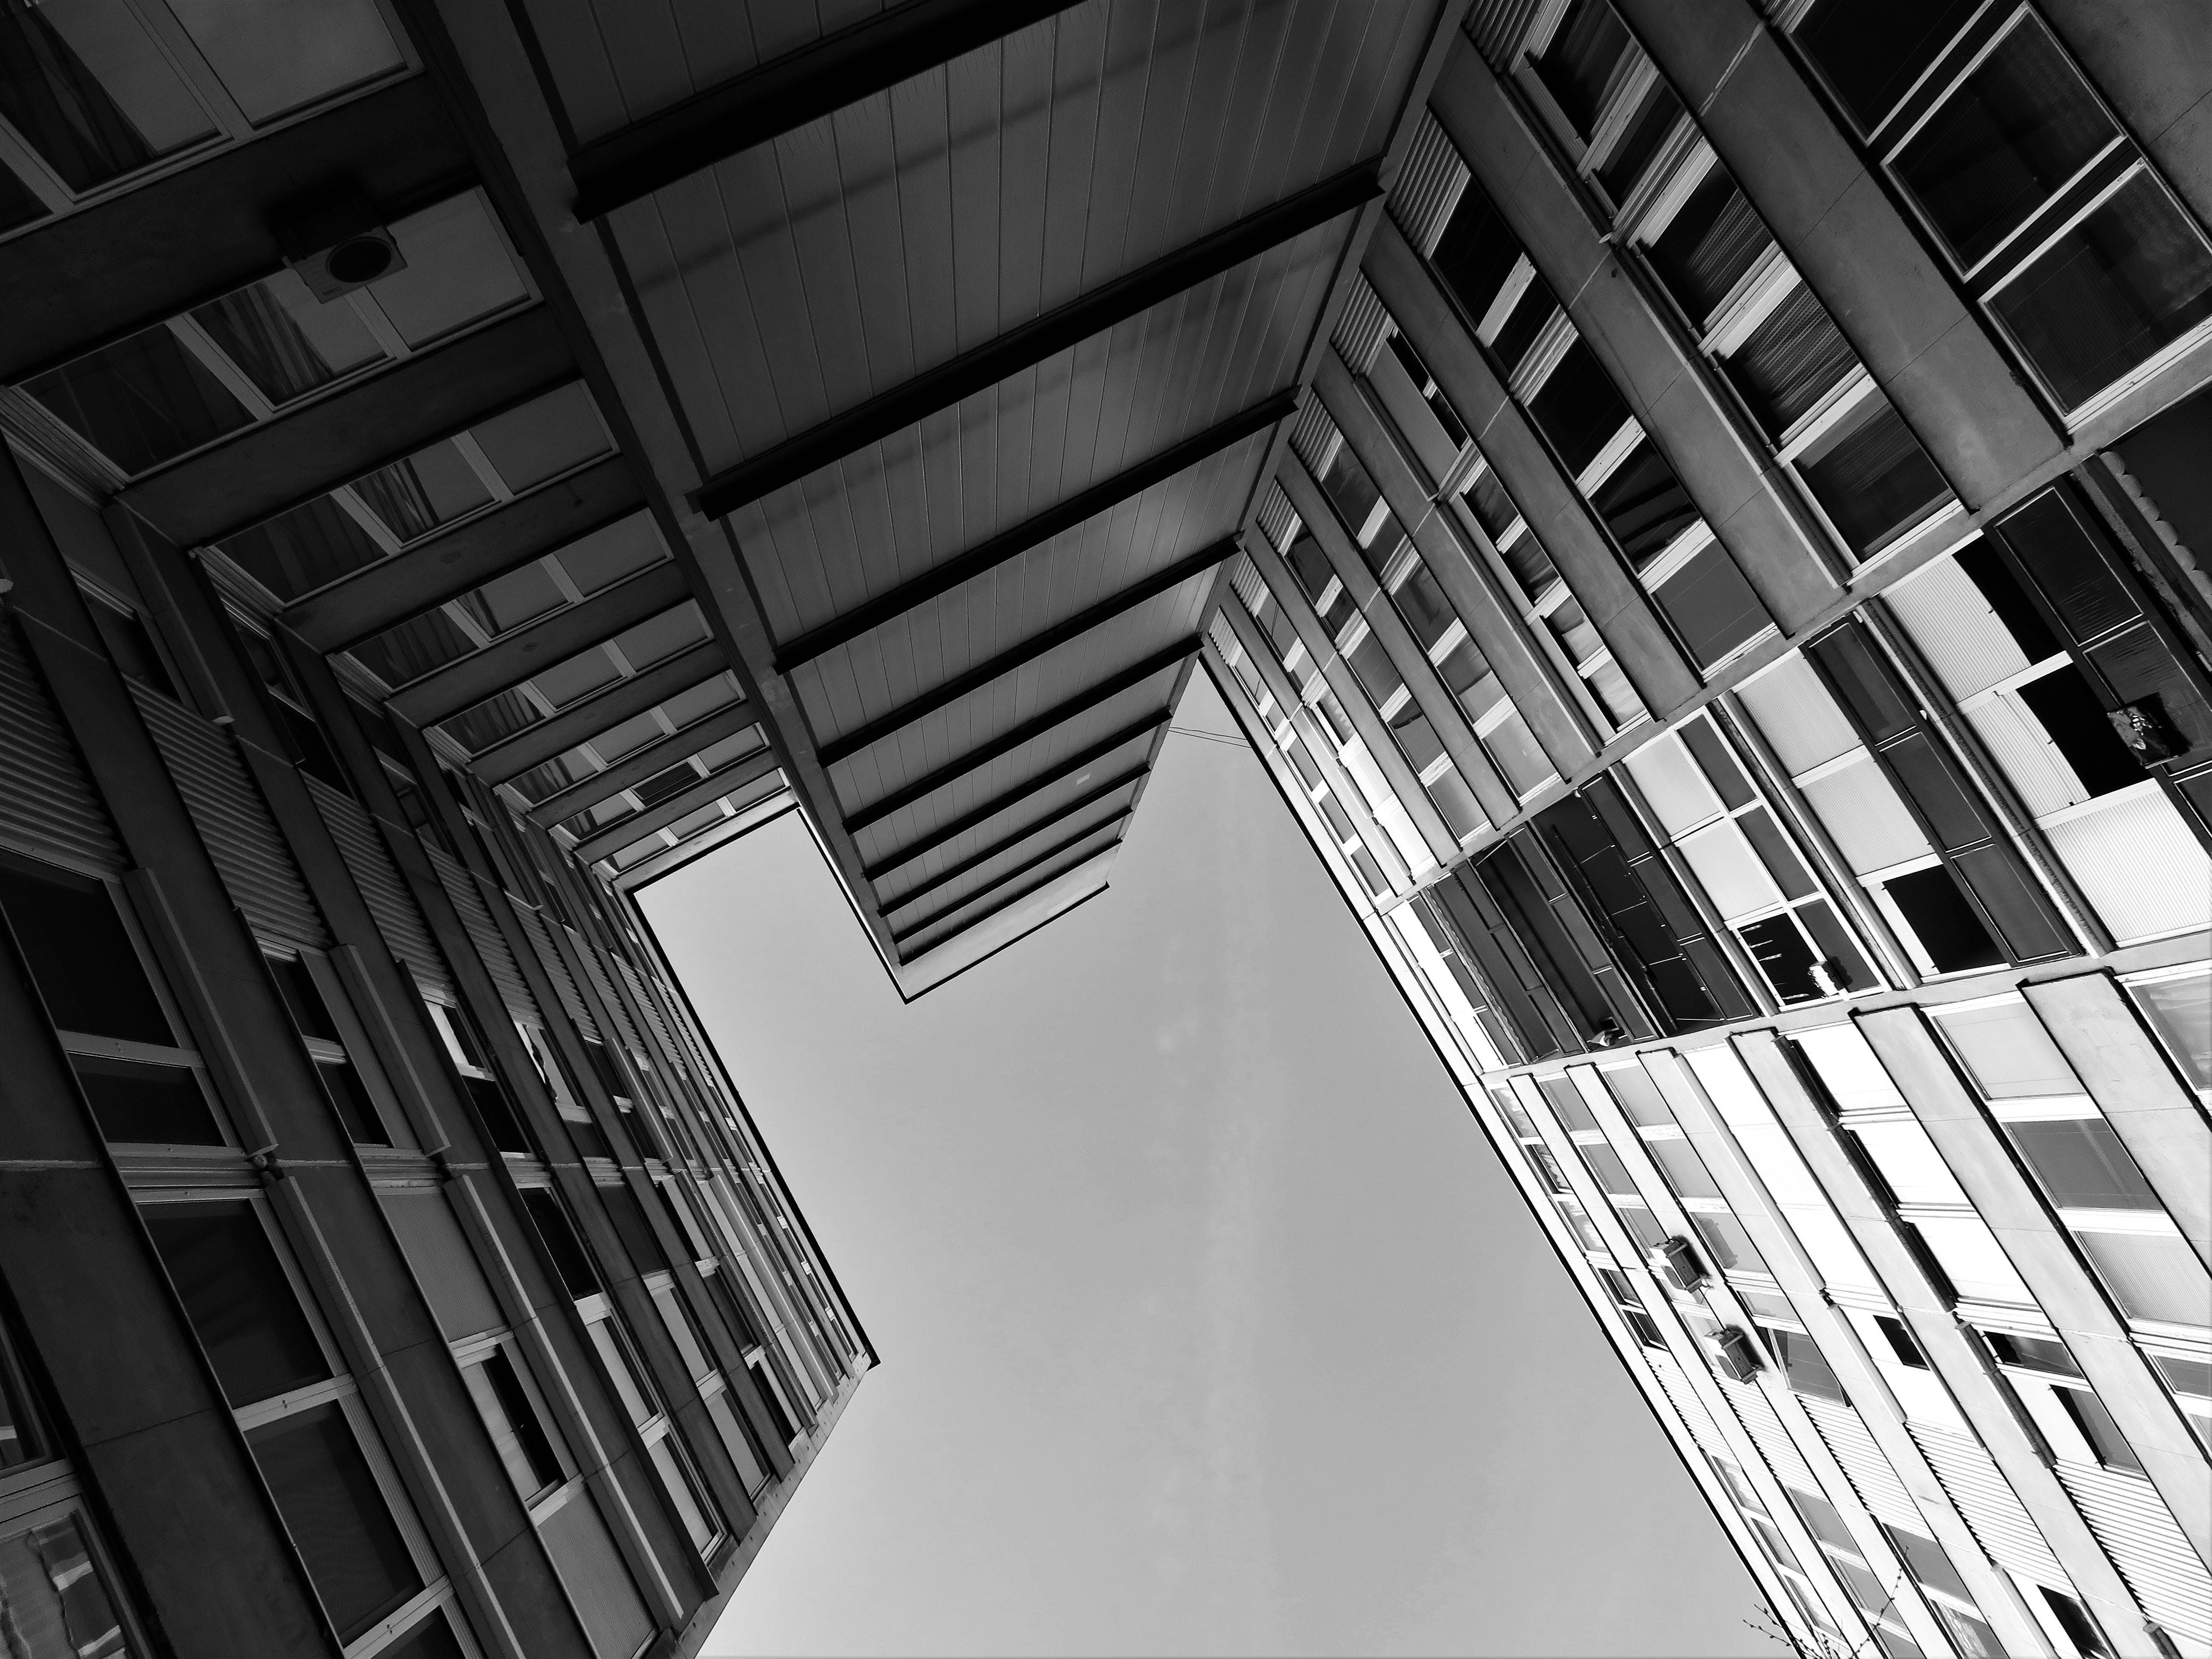 Ilmainen kuvapankkikuva tunnisteilla arkkitehdin suunnitelma, arkkitehtuuri, futuristinen, kuva alakulmasta